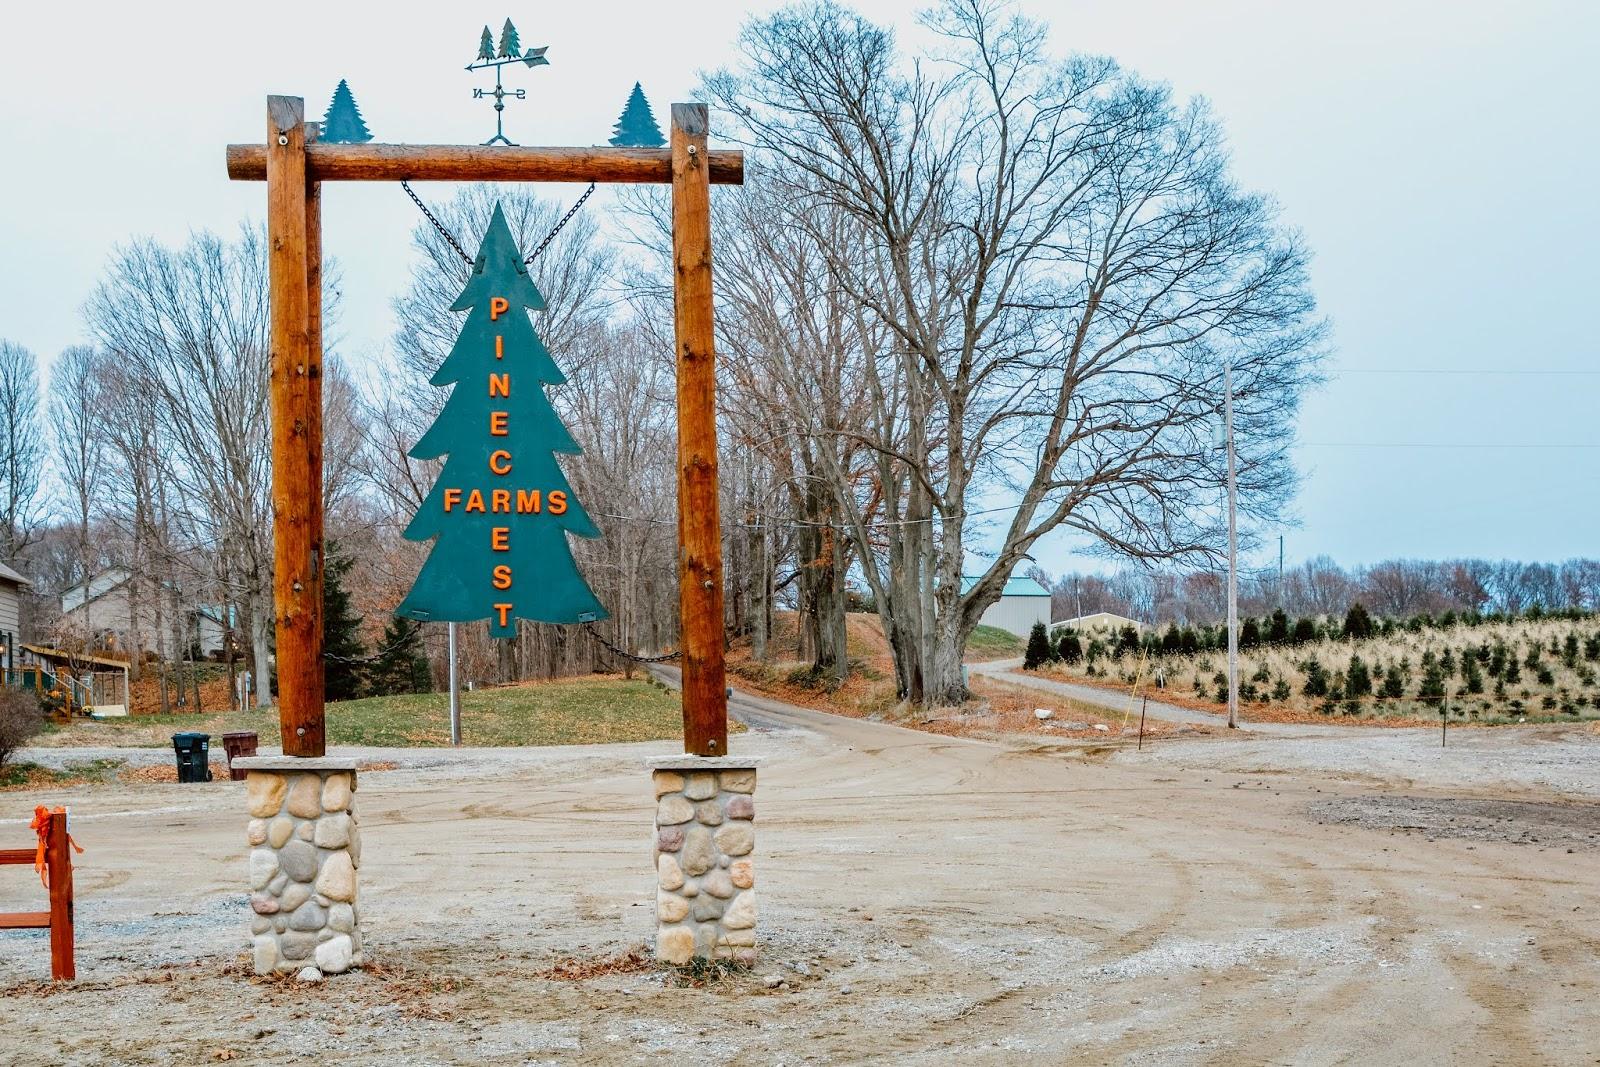 Pinecrest Farms